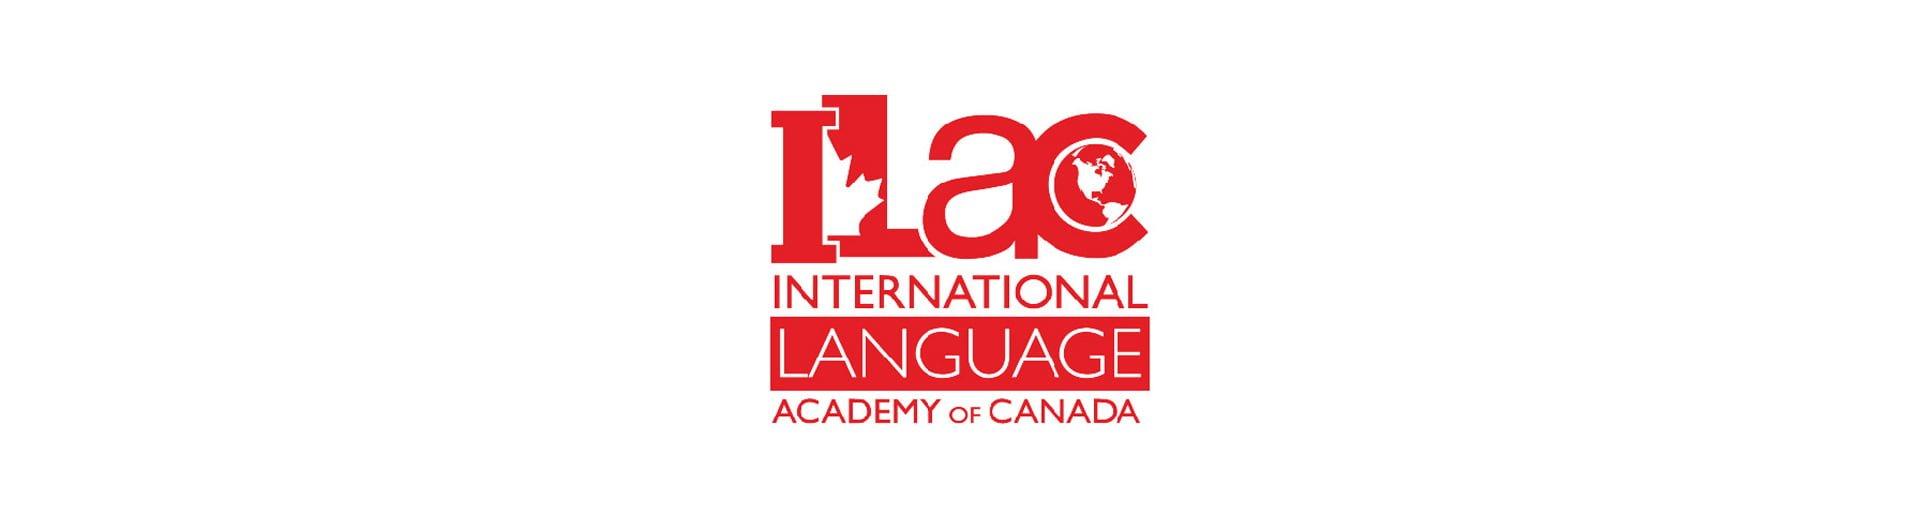 ILAC 溫哥華